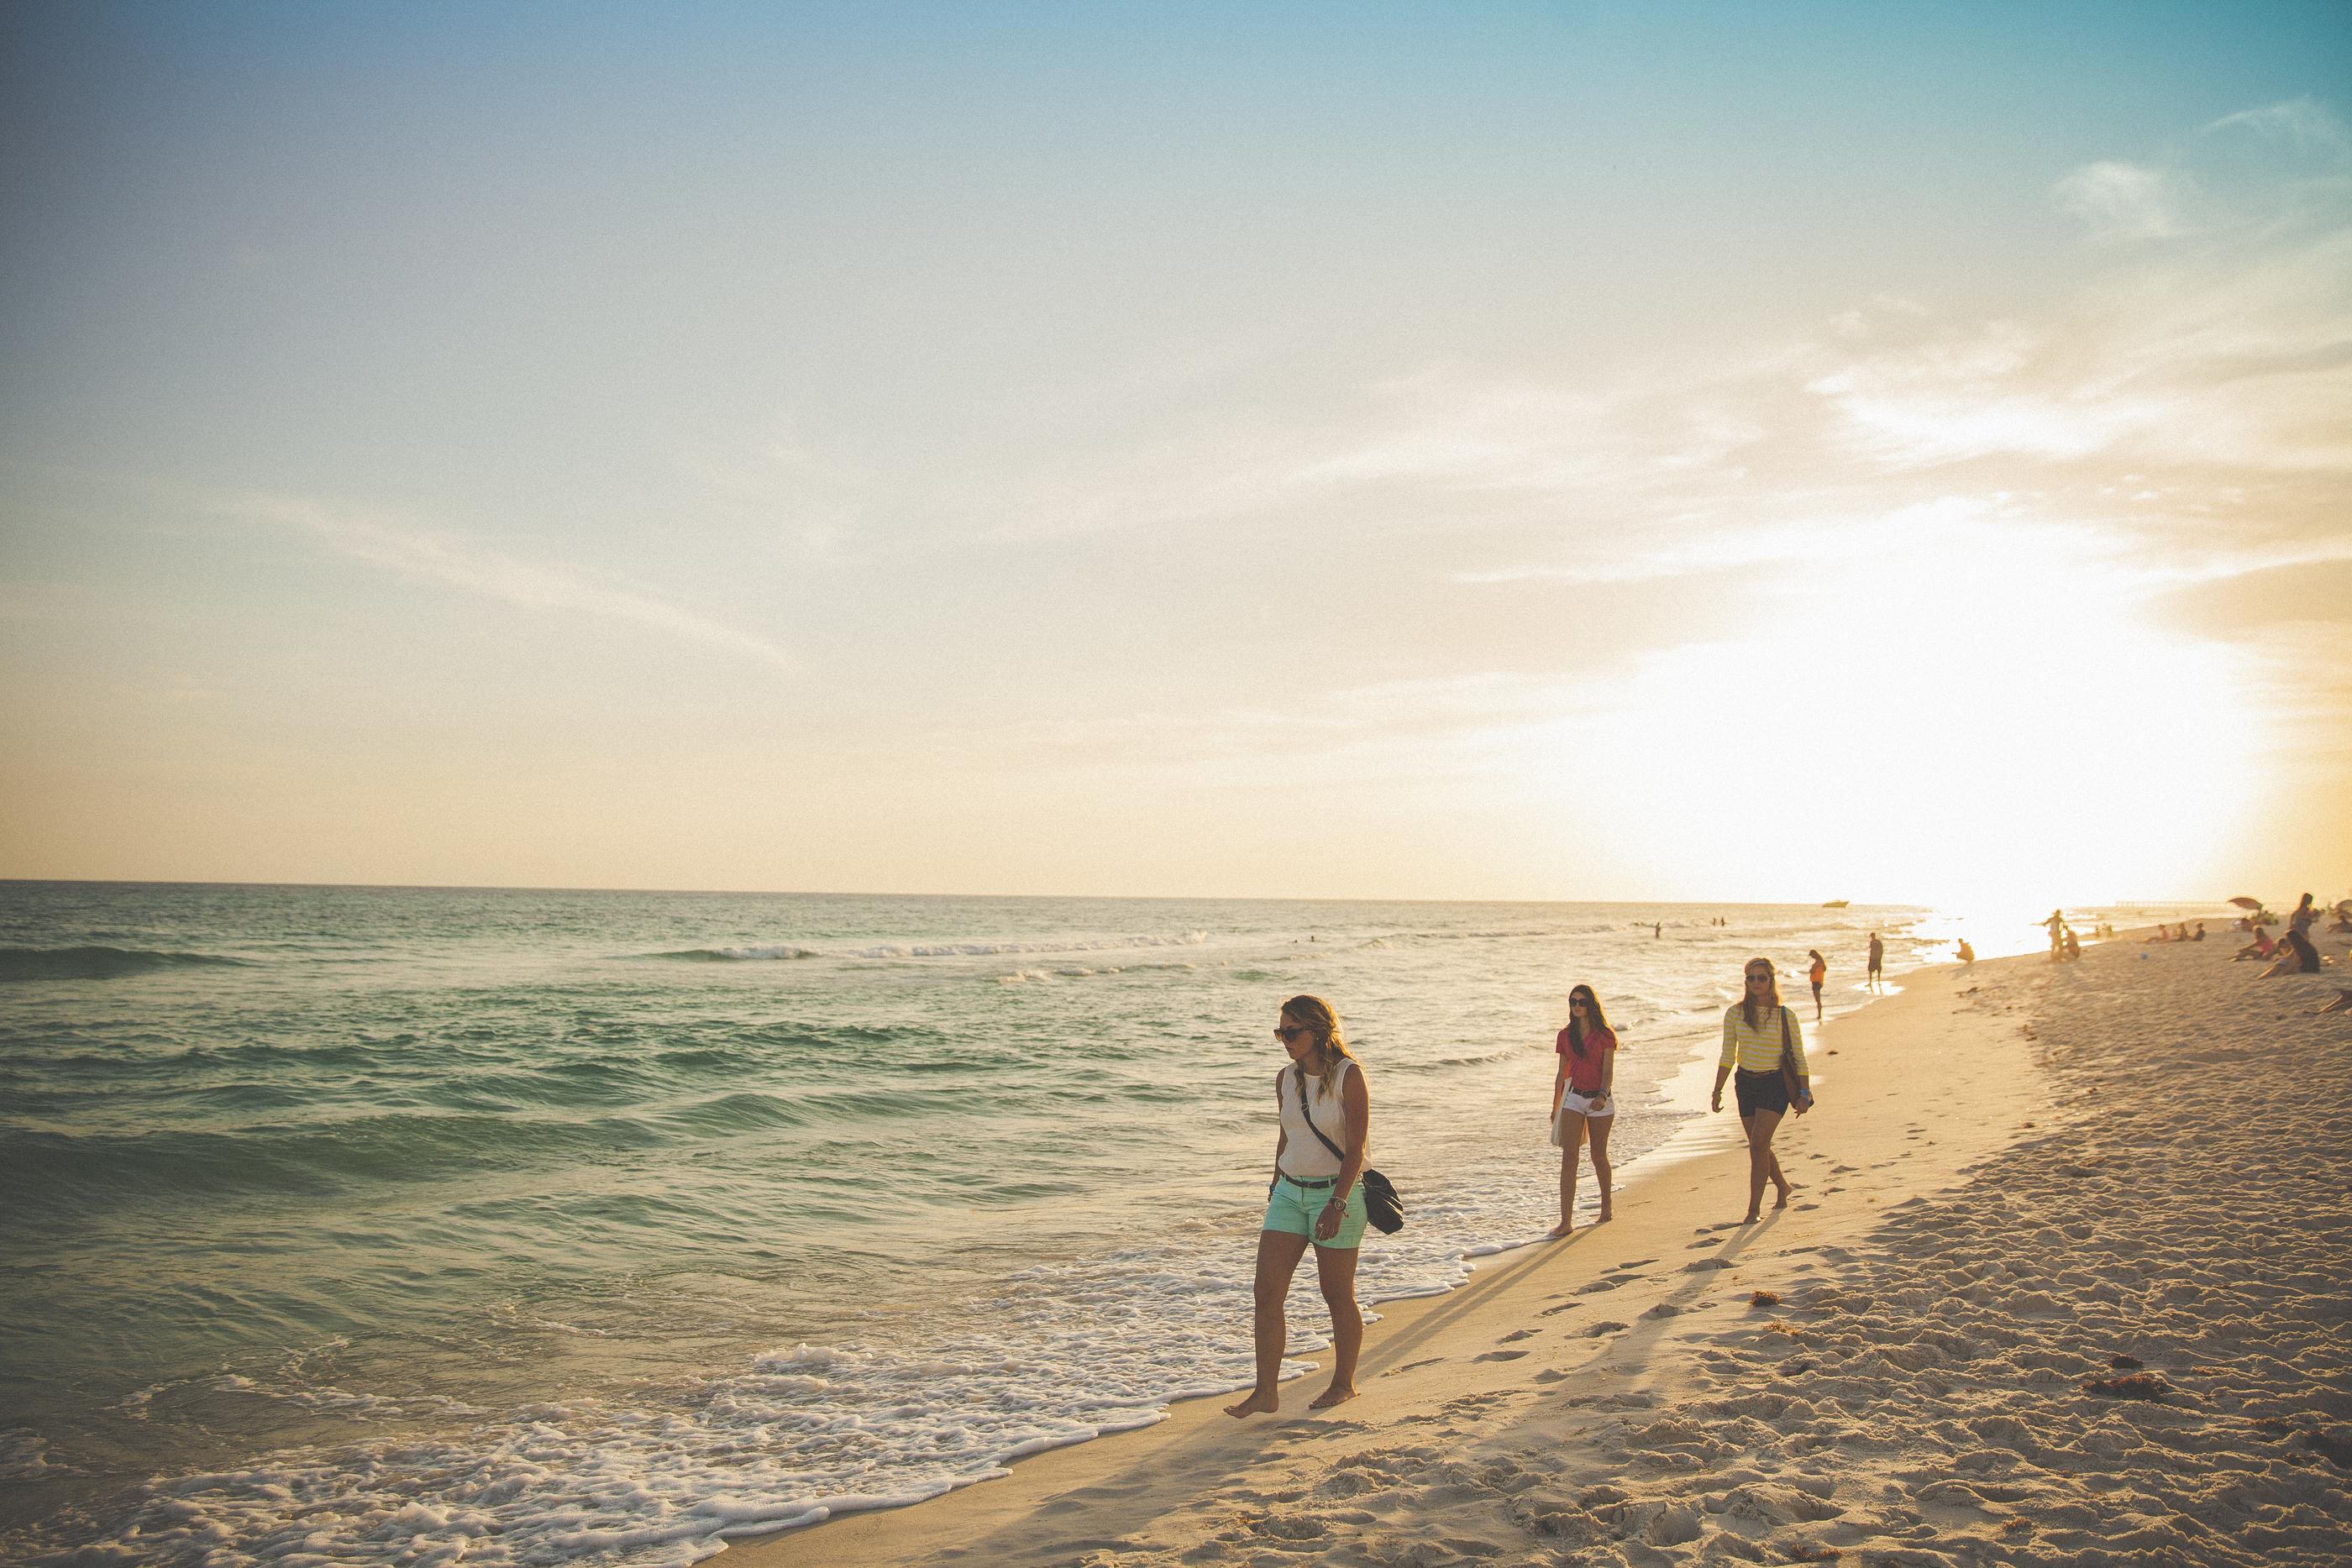 young women walking on a beach